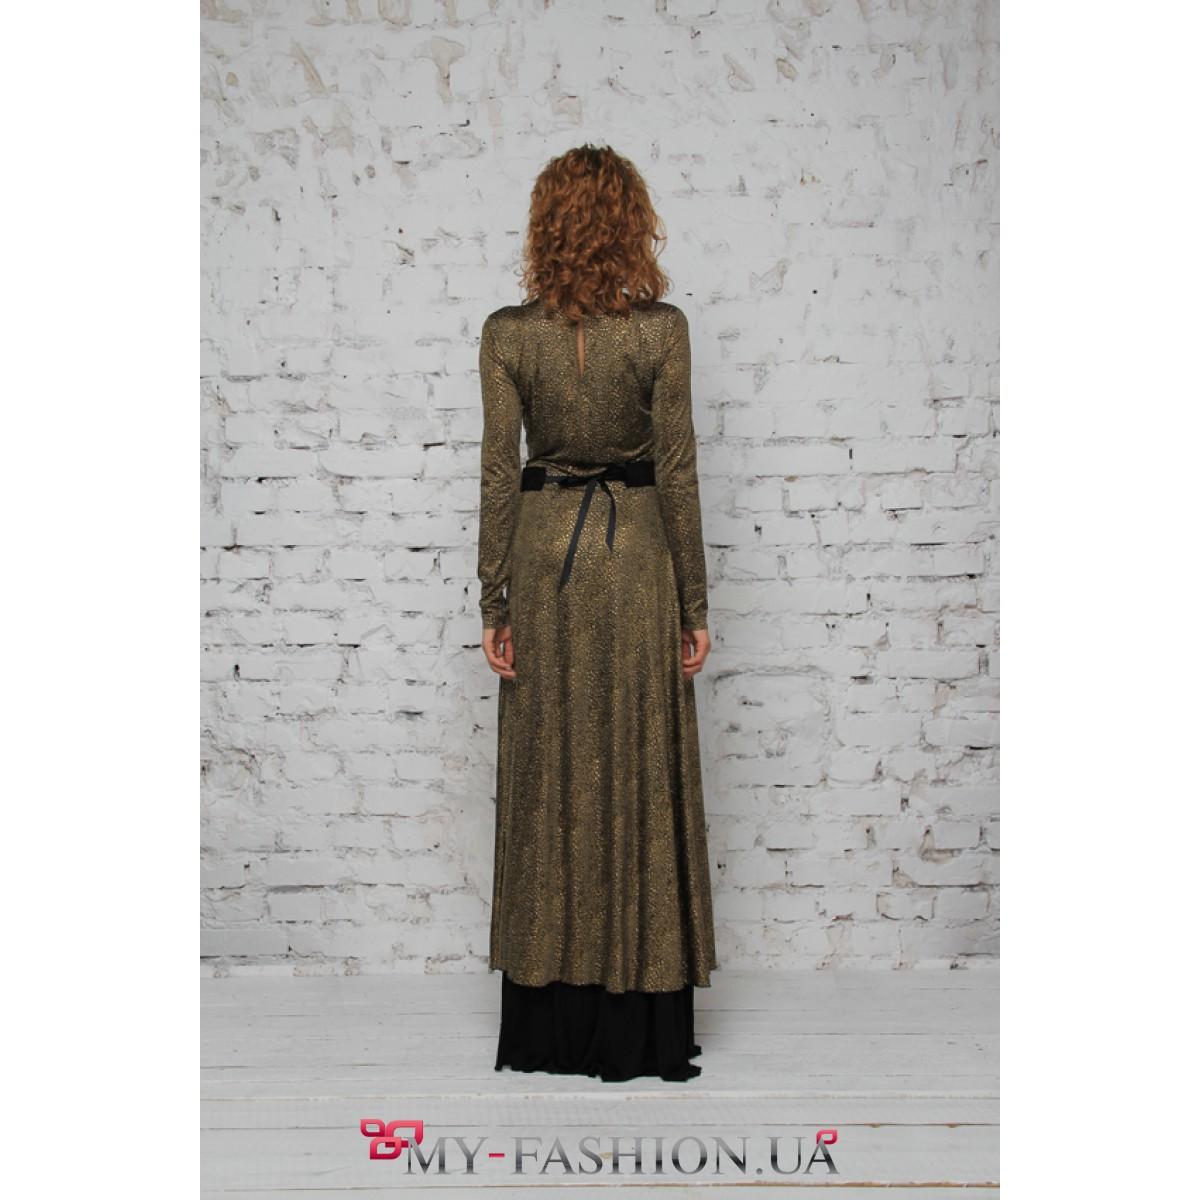 Платье с двойной юбкой купить